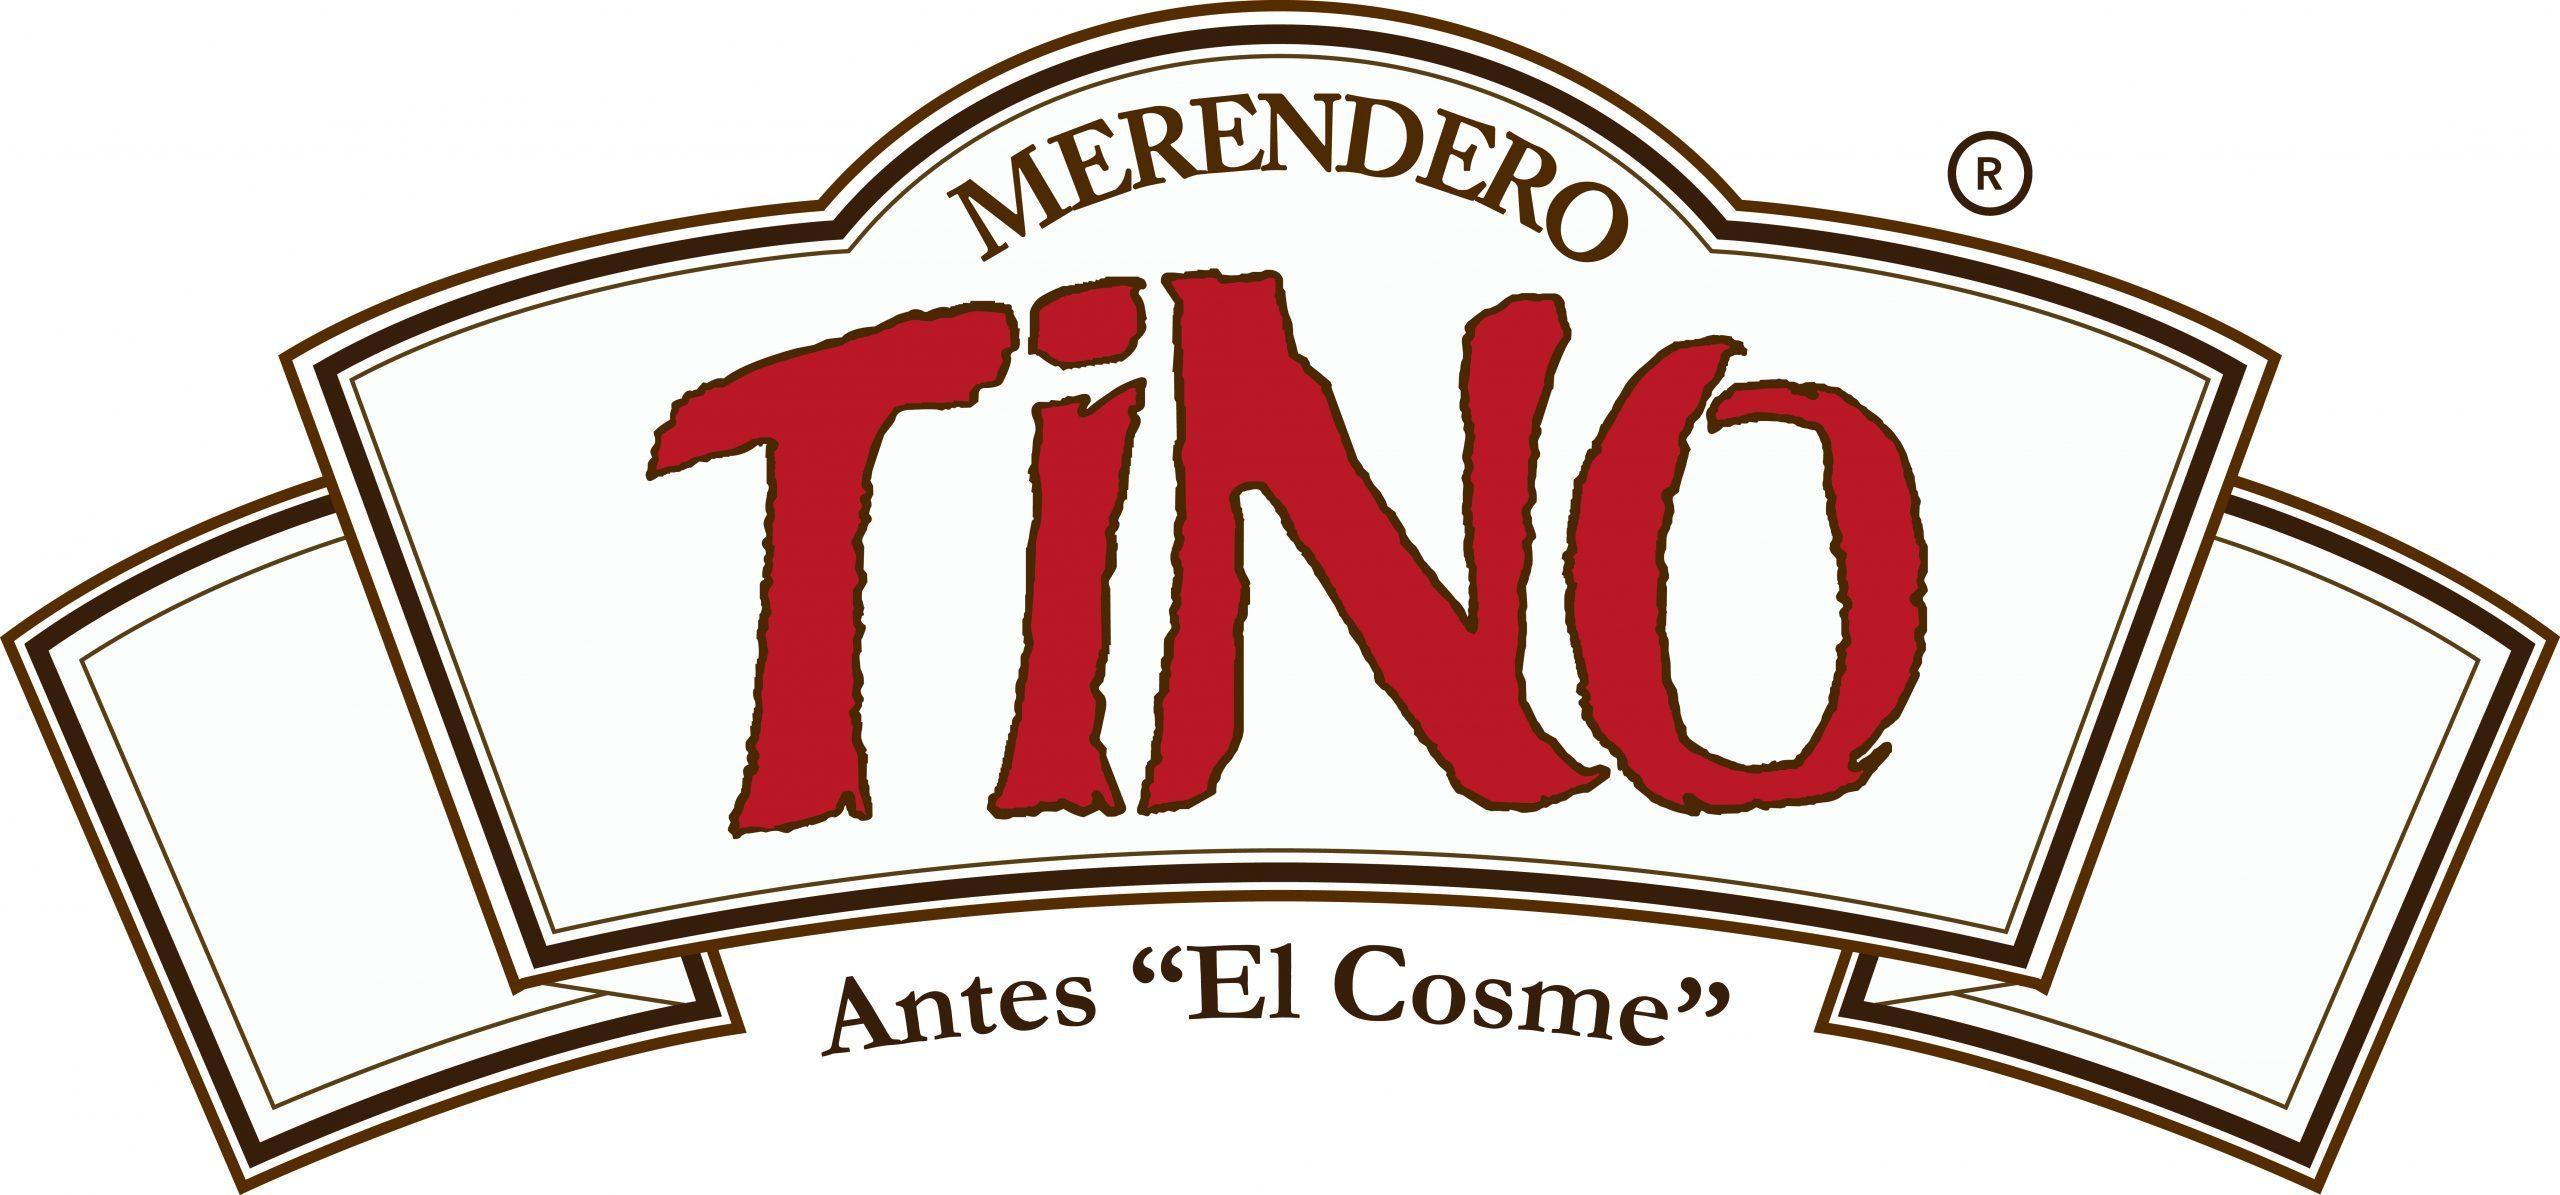 Merendero Tino Restaurantes